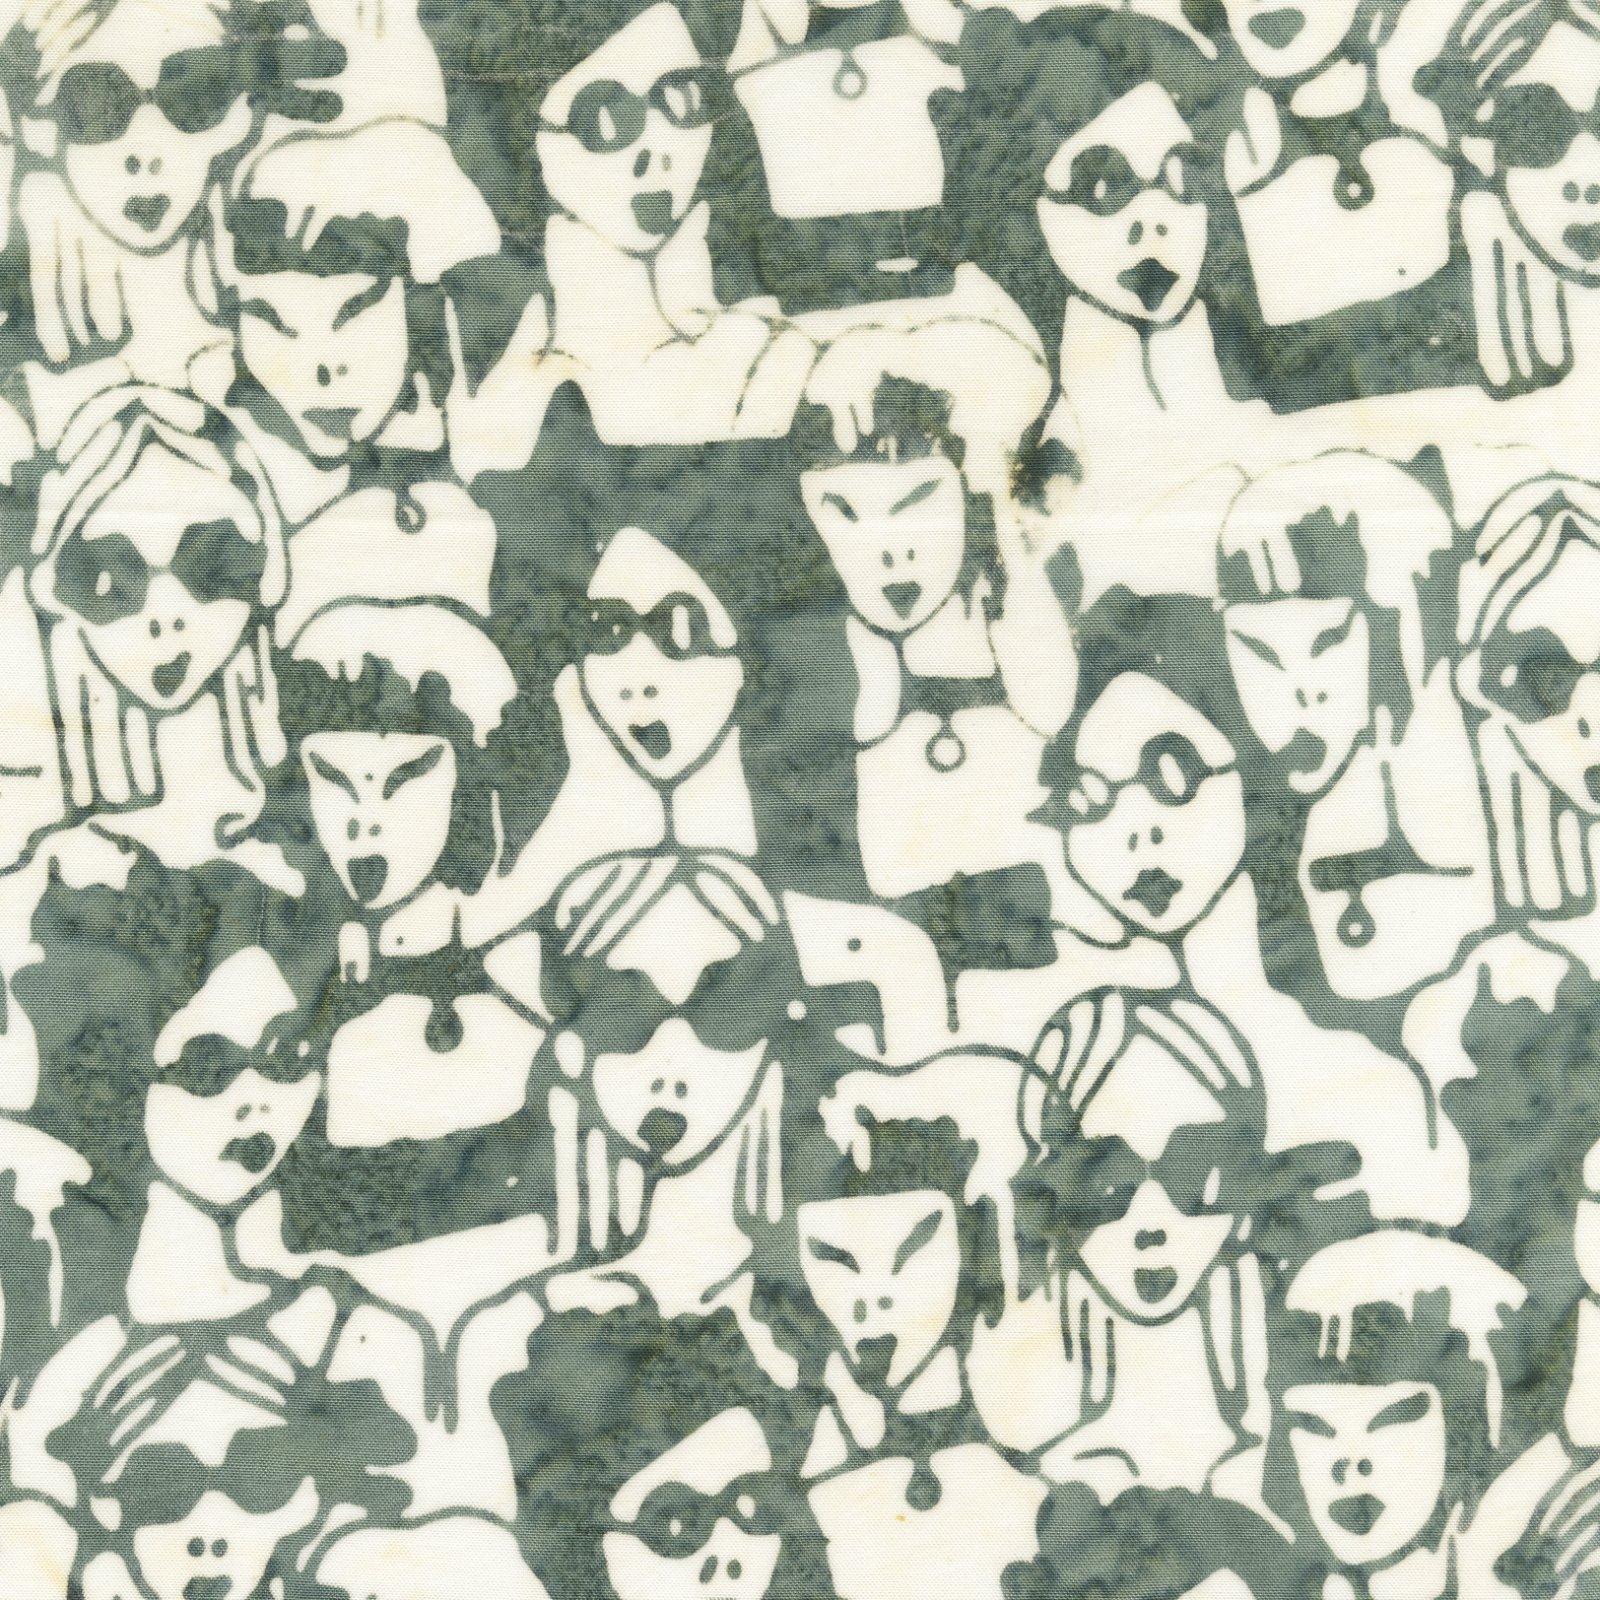 505Q-X Rayon Batiks by Anthology Fabrics